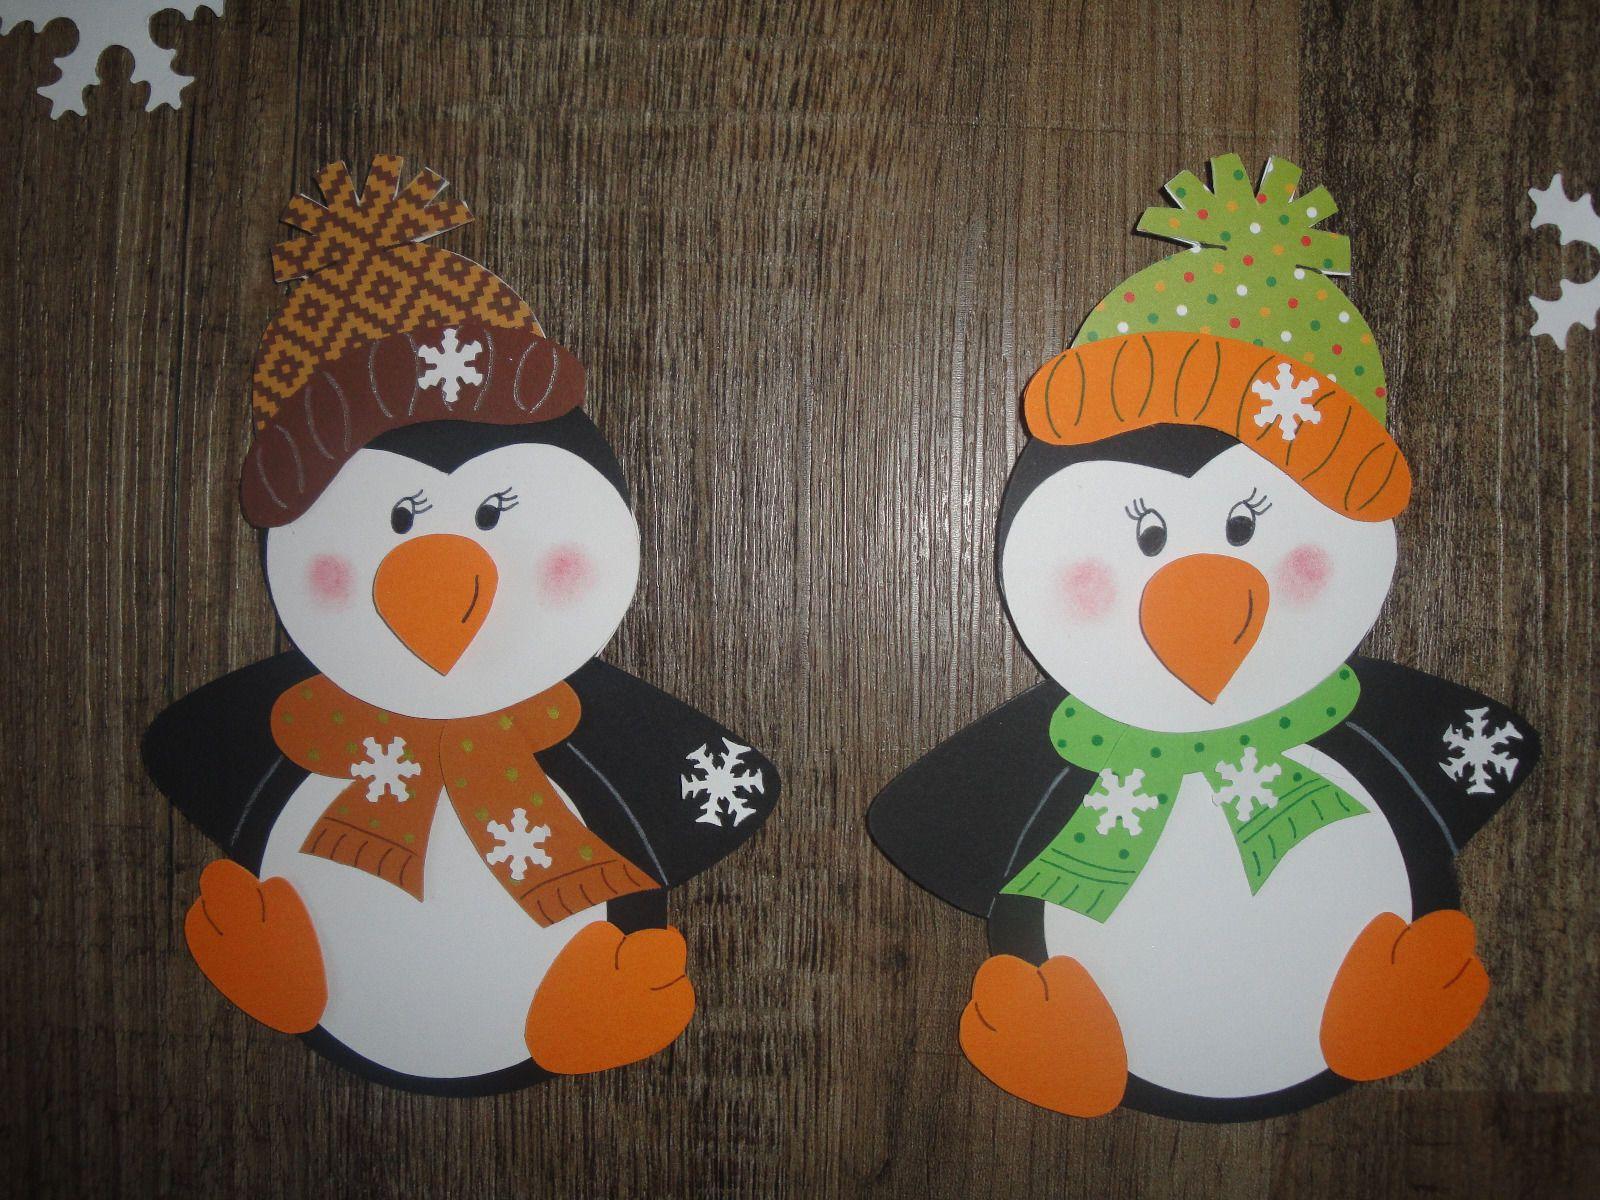 Tonkarton Fensterbilder 2 Pinguine Mit Schneeflocken 7 Teilig Braun Gr Fensterbilder Weihnachten Basteln Fensterdeko Weihnachten Basteln Weihnachtszeit Basteln